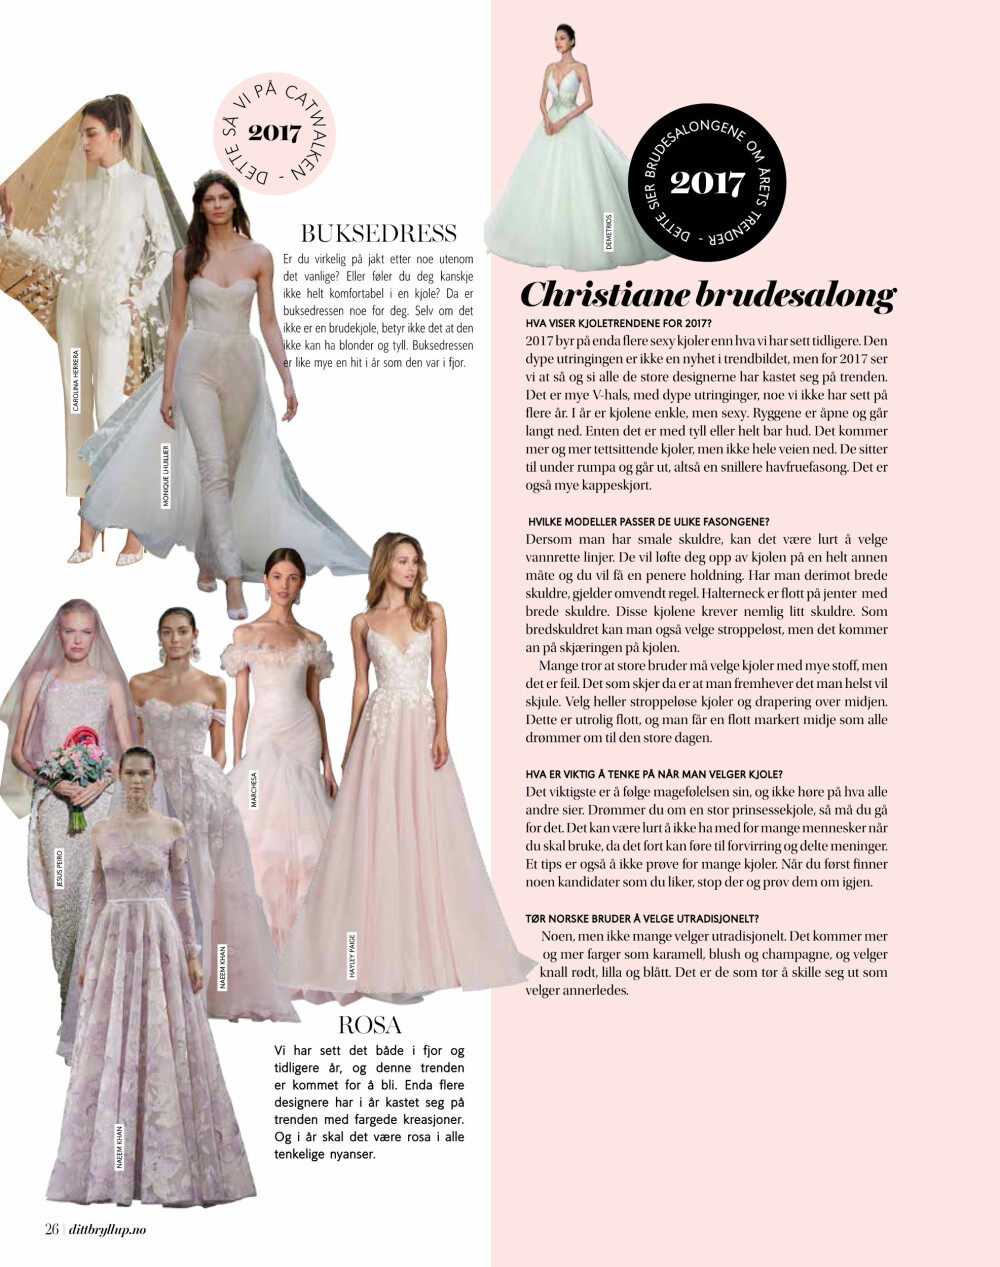 03efbec0 Smugtitt i siste utgave av Ditt Bryllup.